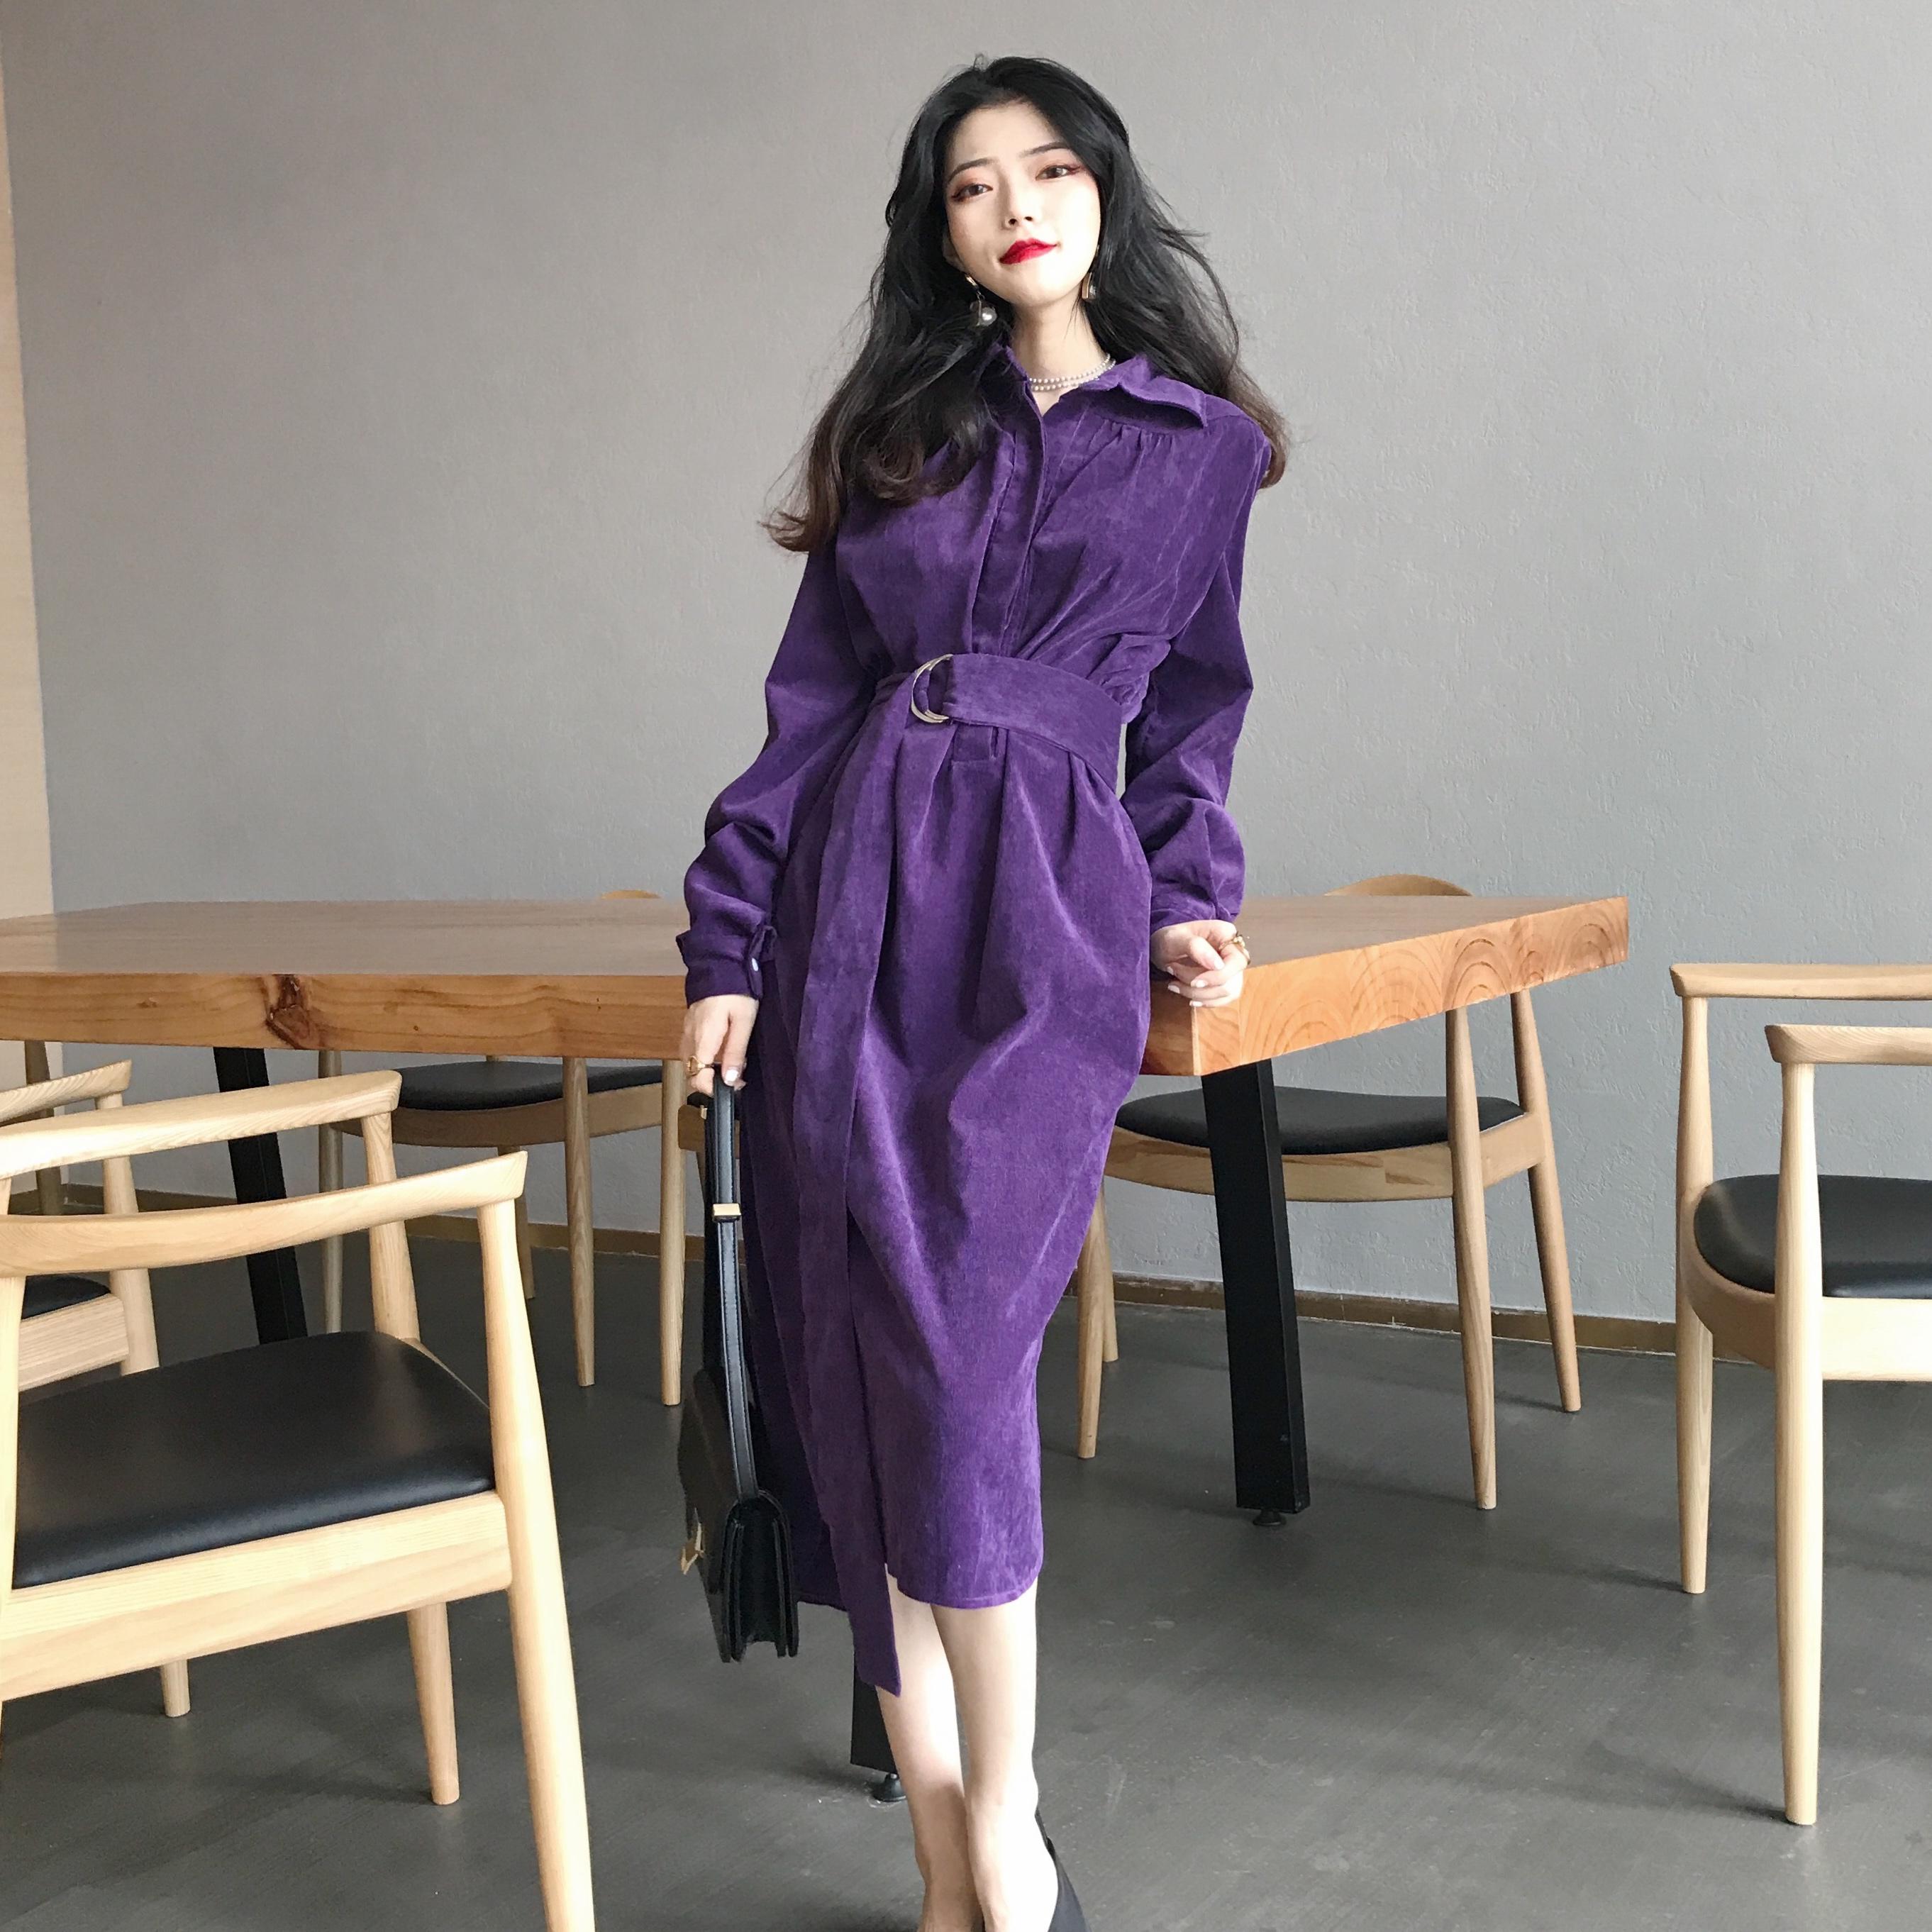 紫色连衣裙 秋装女2018新款新款复古修身显瘦纯色衬衣领灯芯绒中长款连衣裙潮_推荐淘宝好看的紫色连衣裙